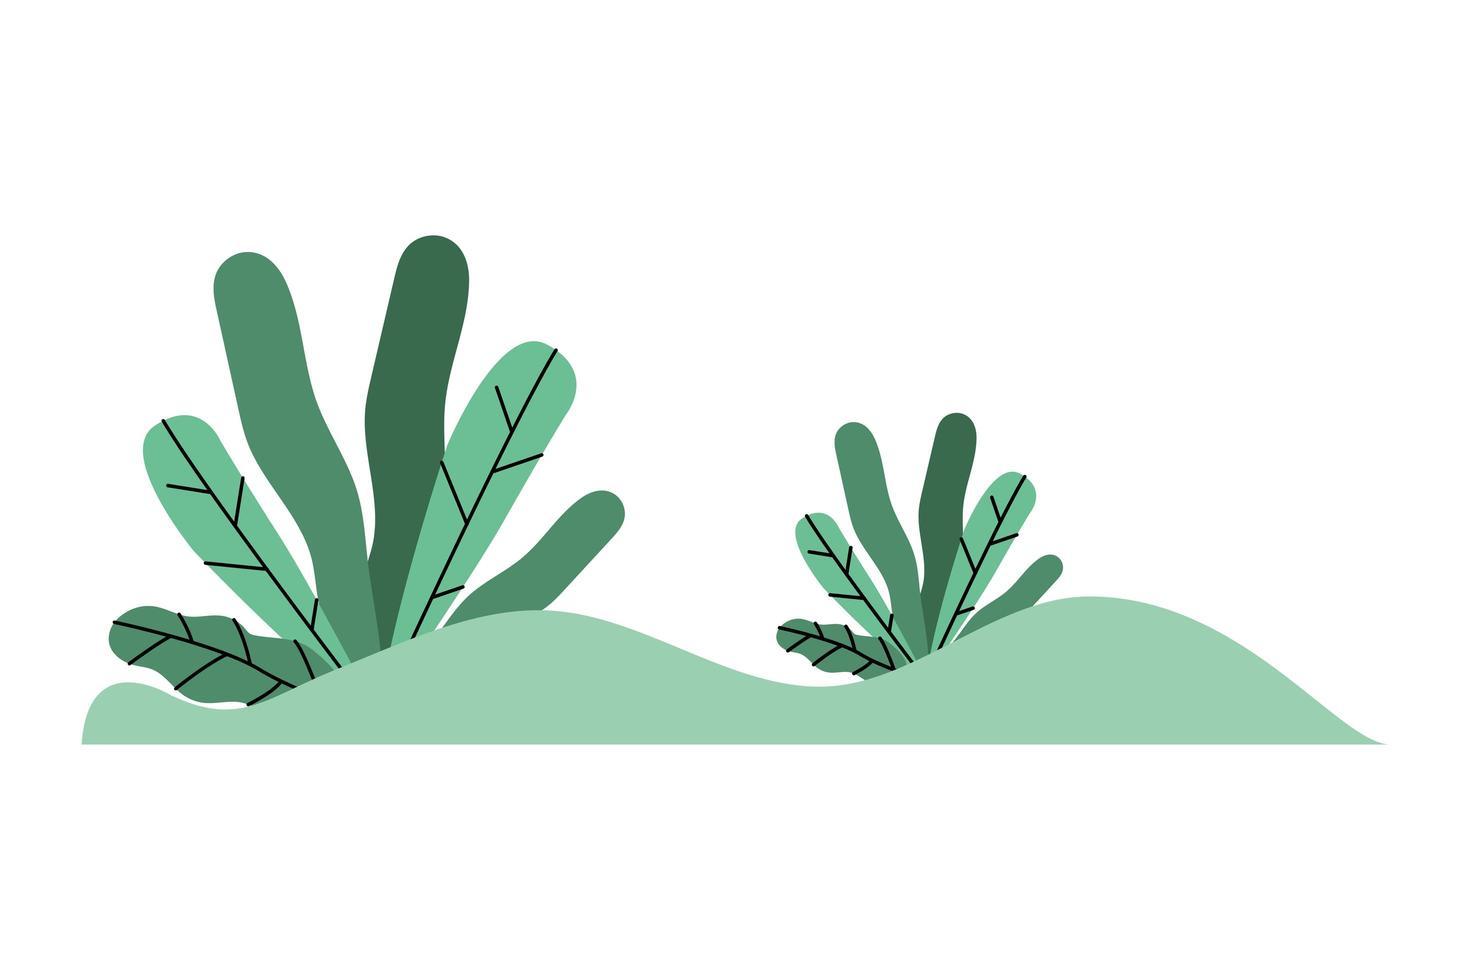 desenho de vetor de ícone de folhas verdes isoladas